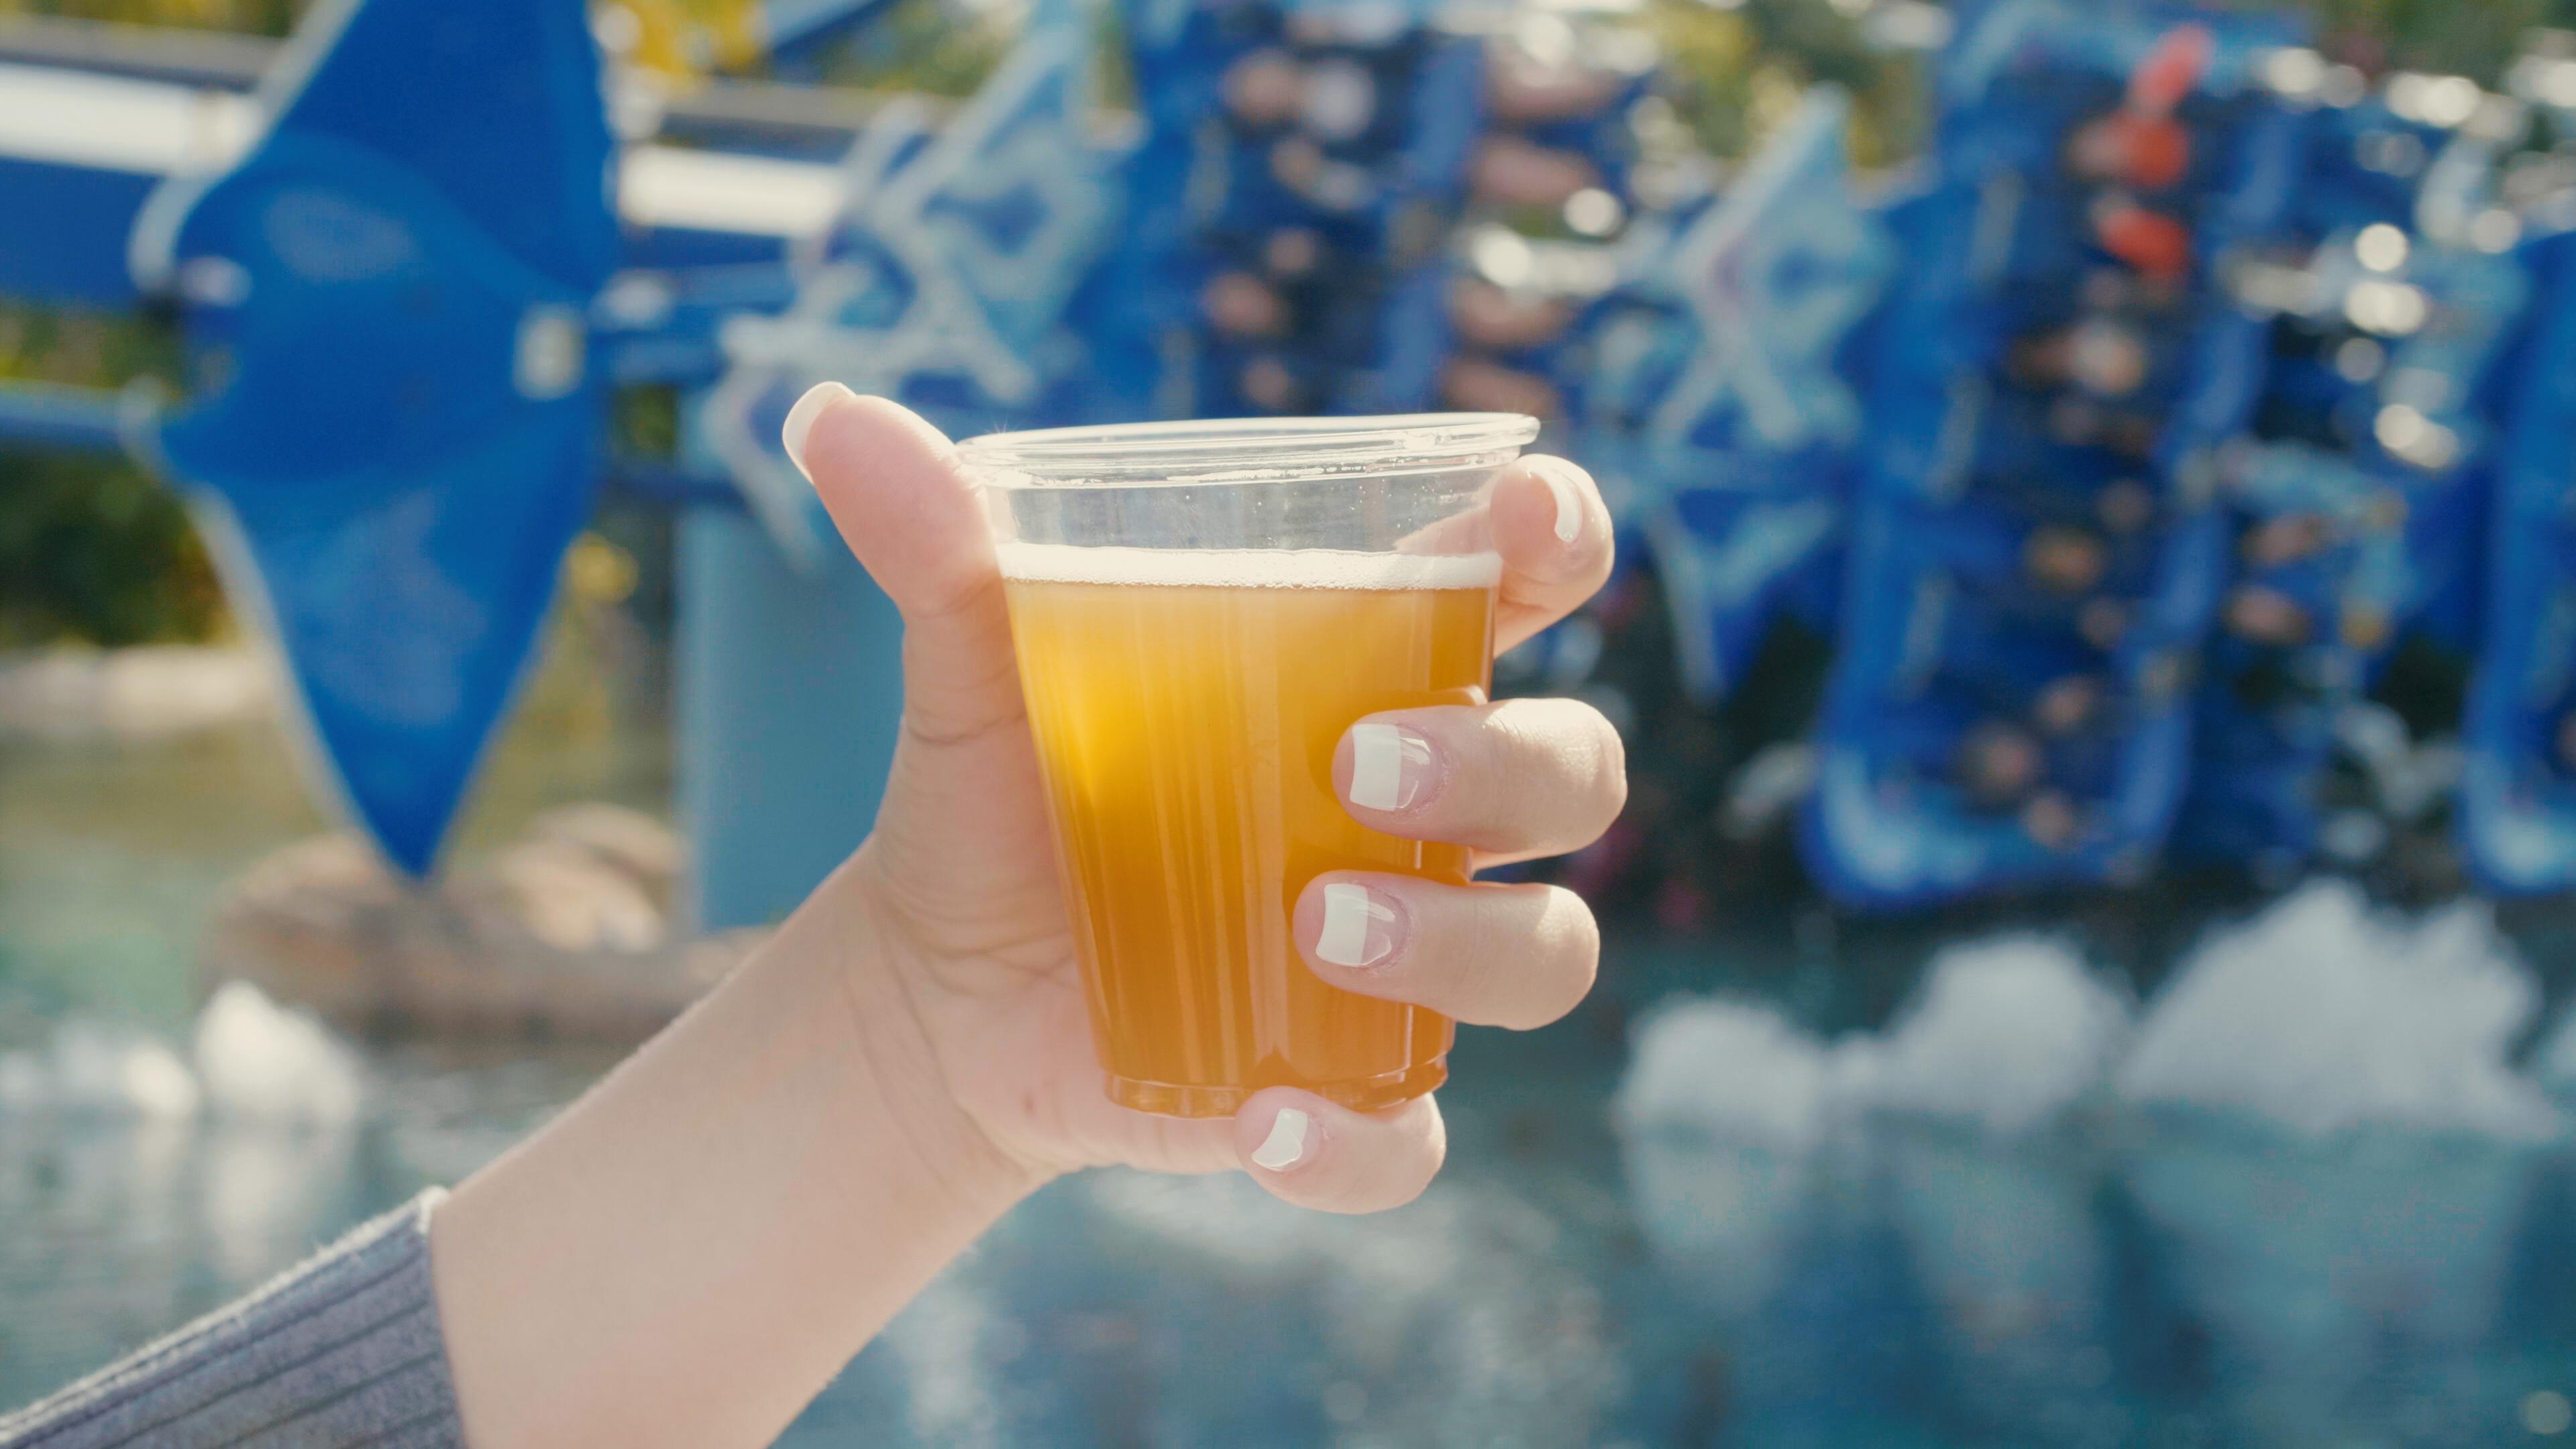 seawrold beer